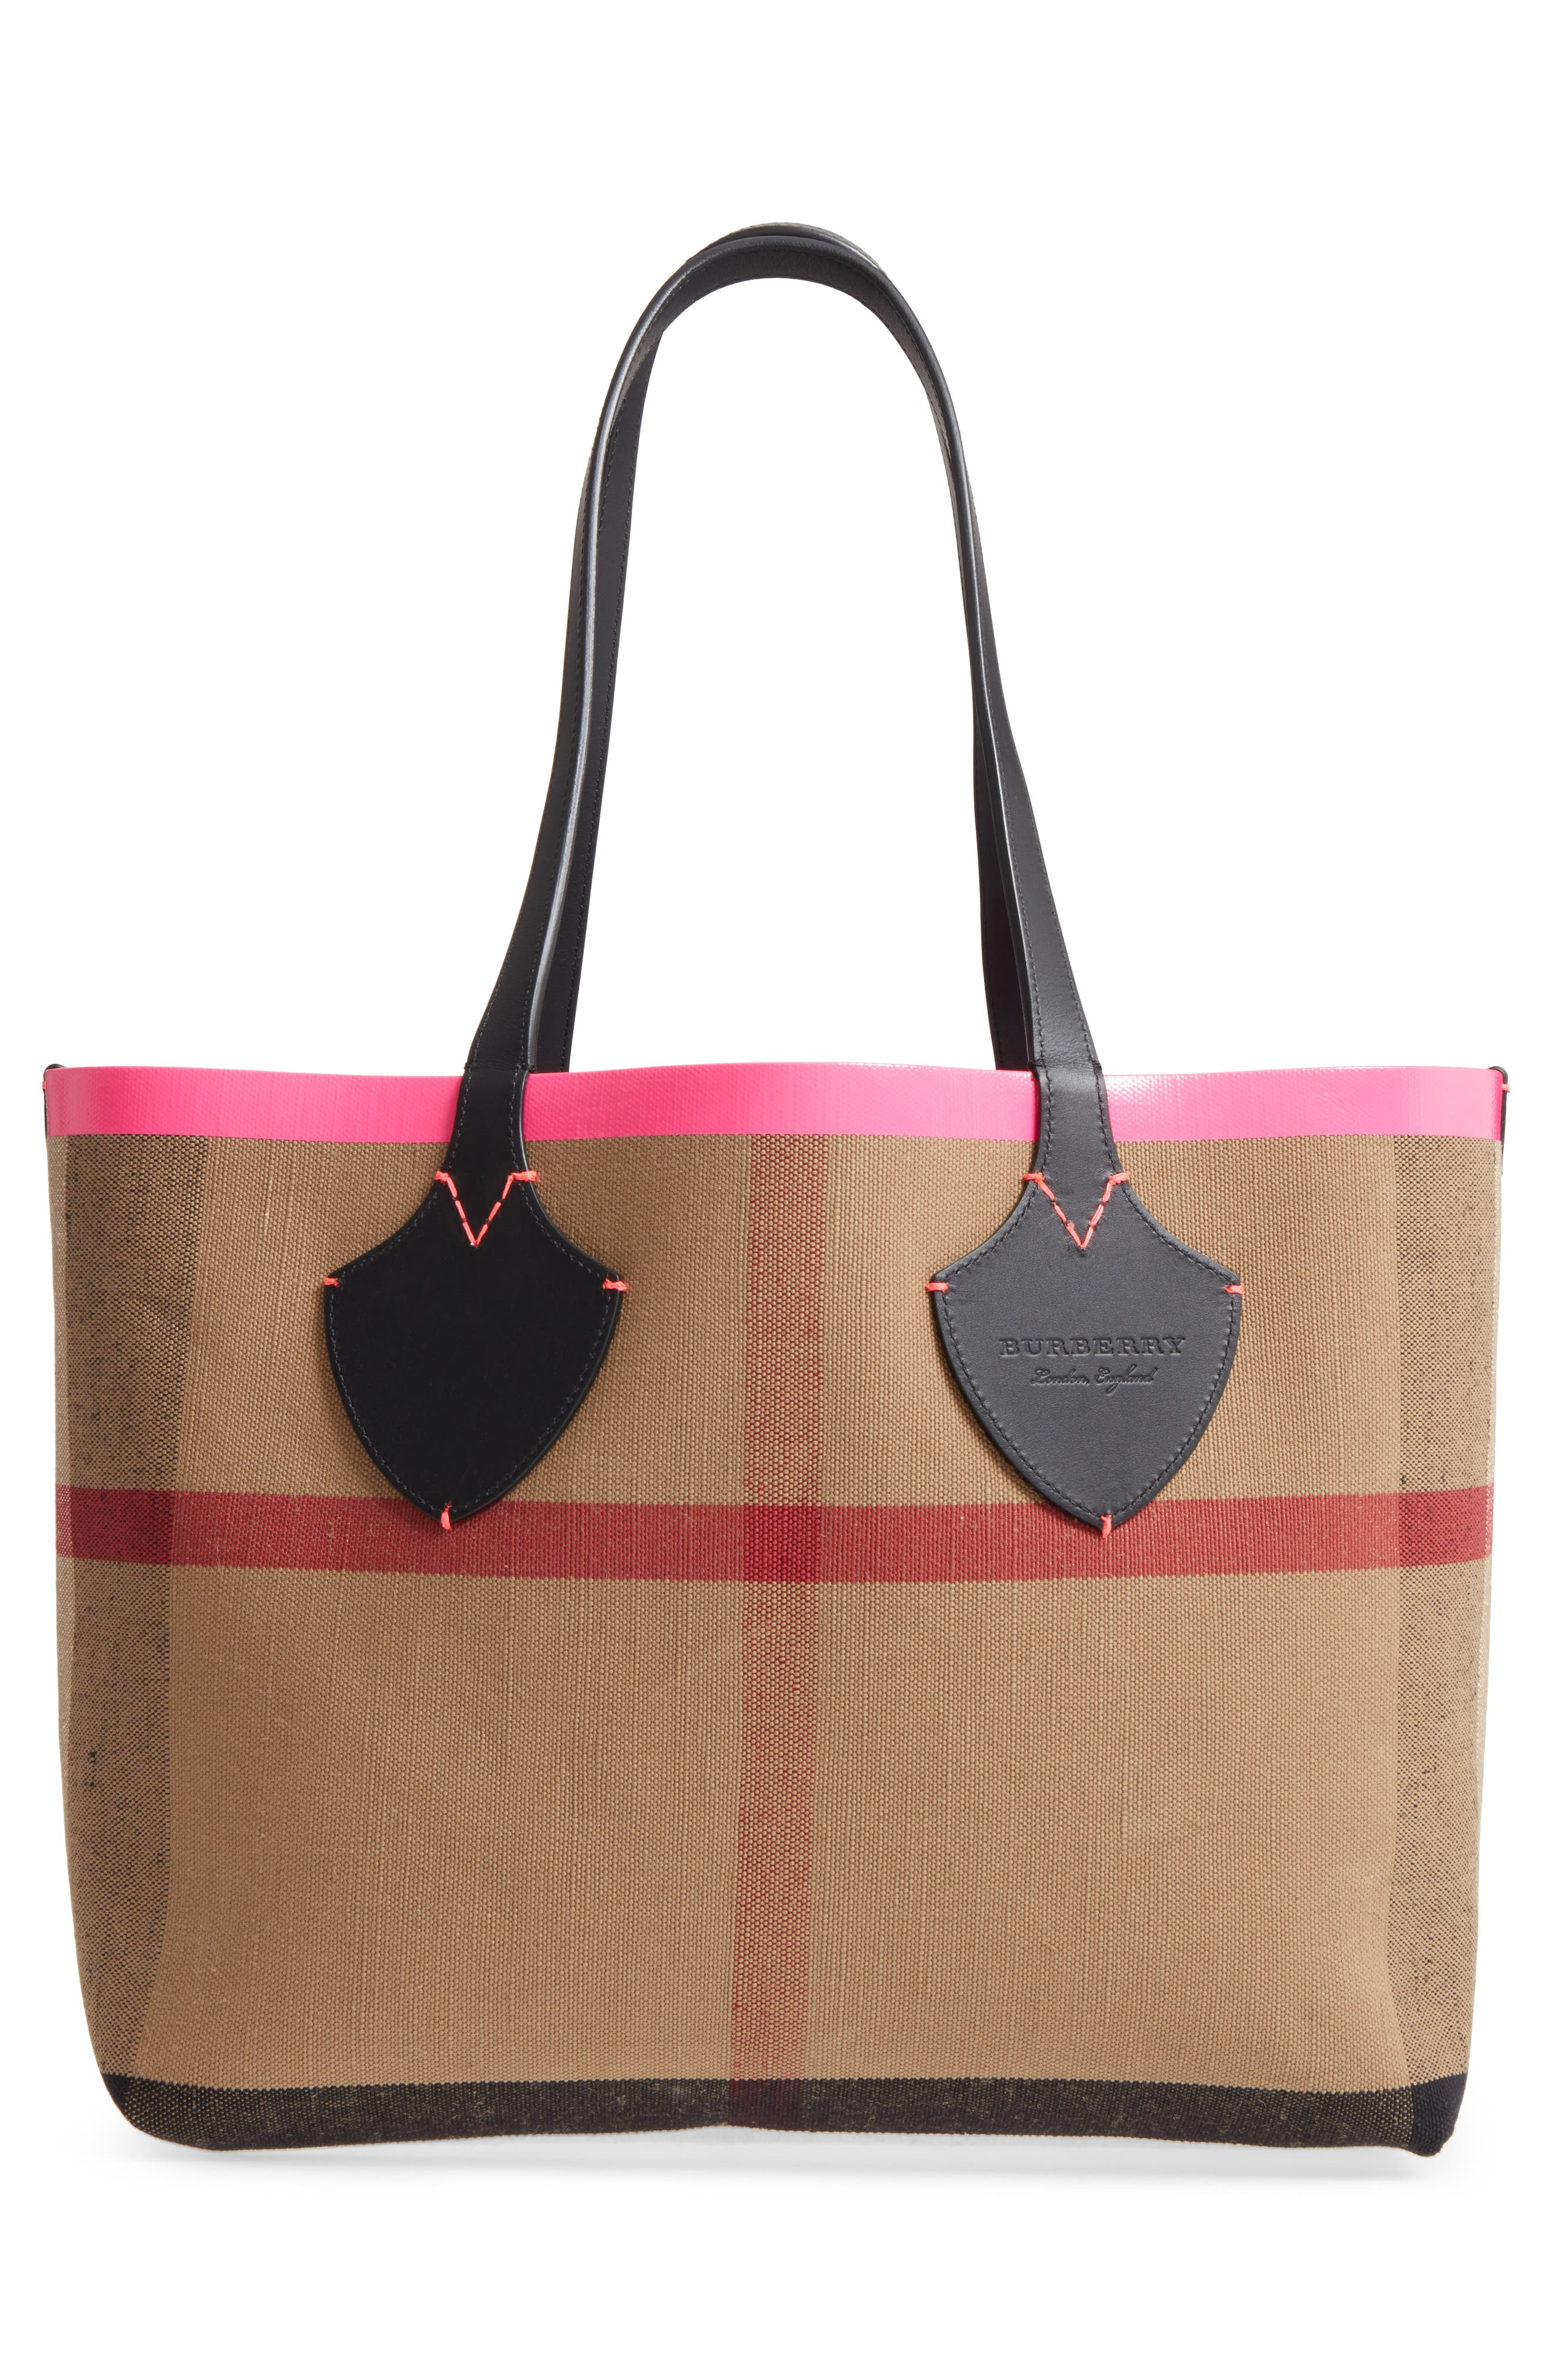 f46d23641d5 Burberry Women s Handbags